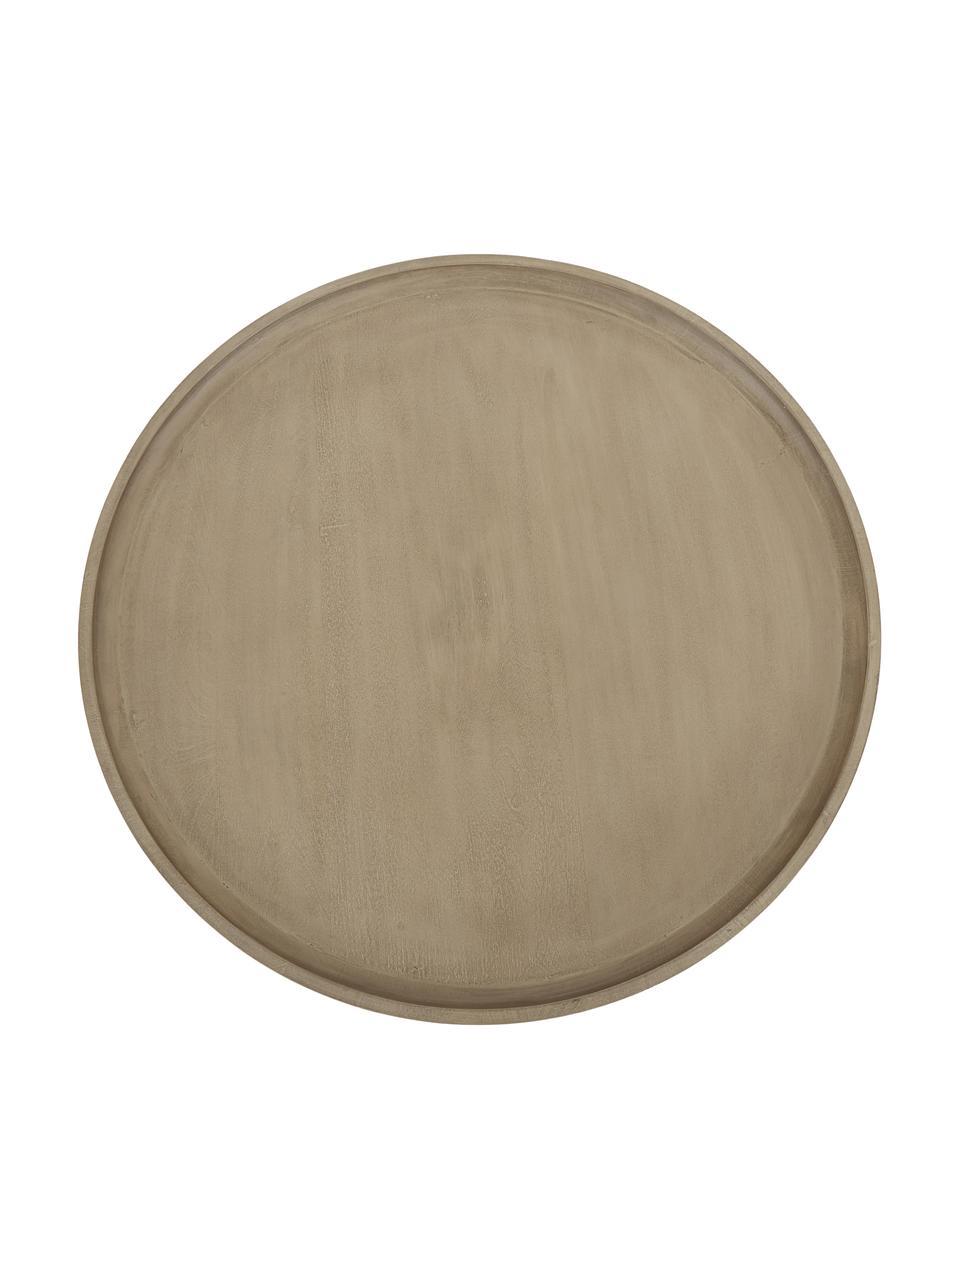 Stolik kawowy z drewna mangowego Benno, Lite drewno mangowe, lakierowane, Drewno mangowe, czarny lakierowany, Ø 80 x W 35 cm